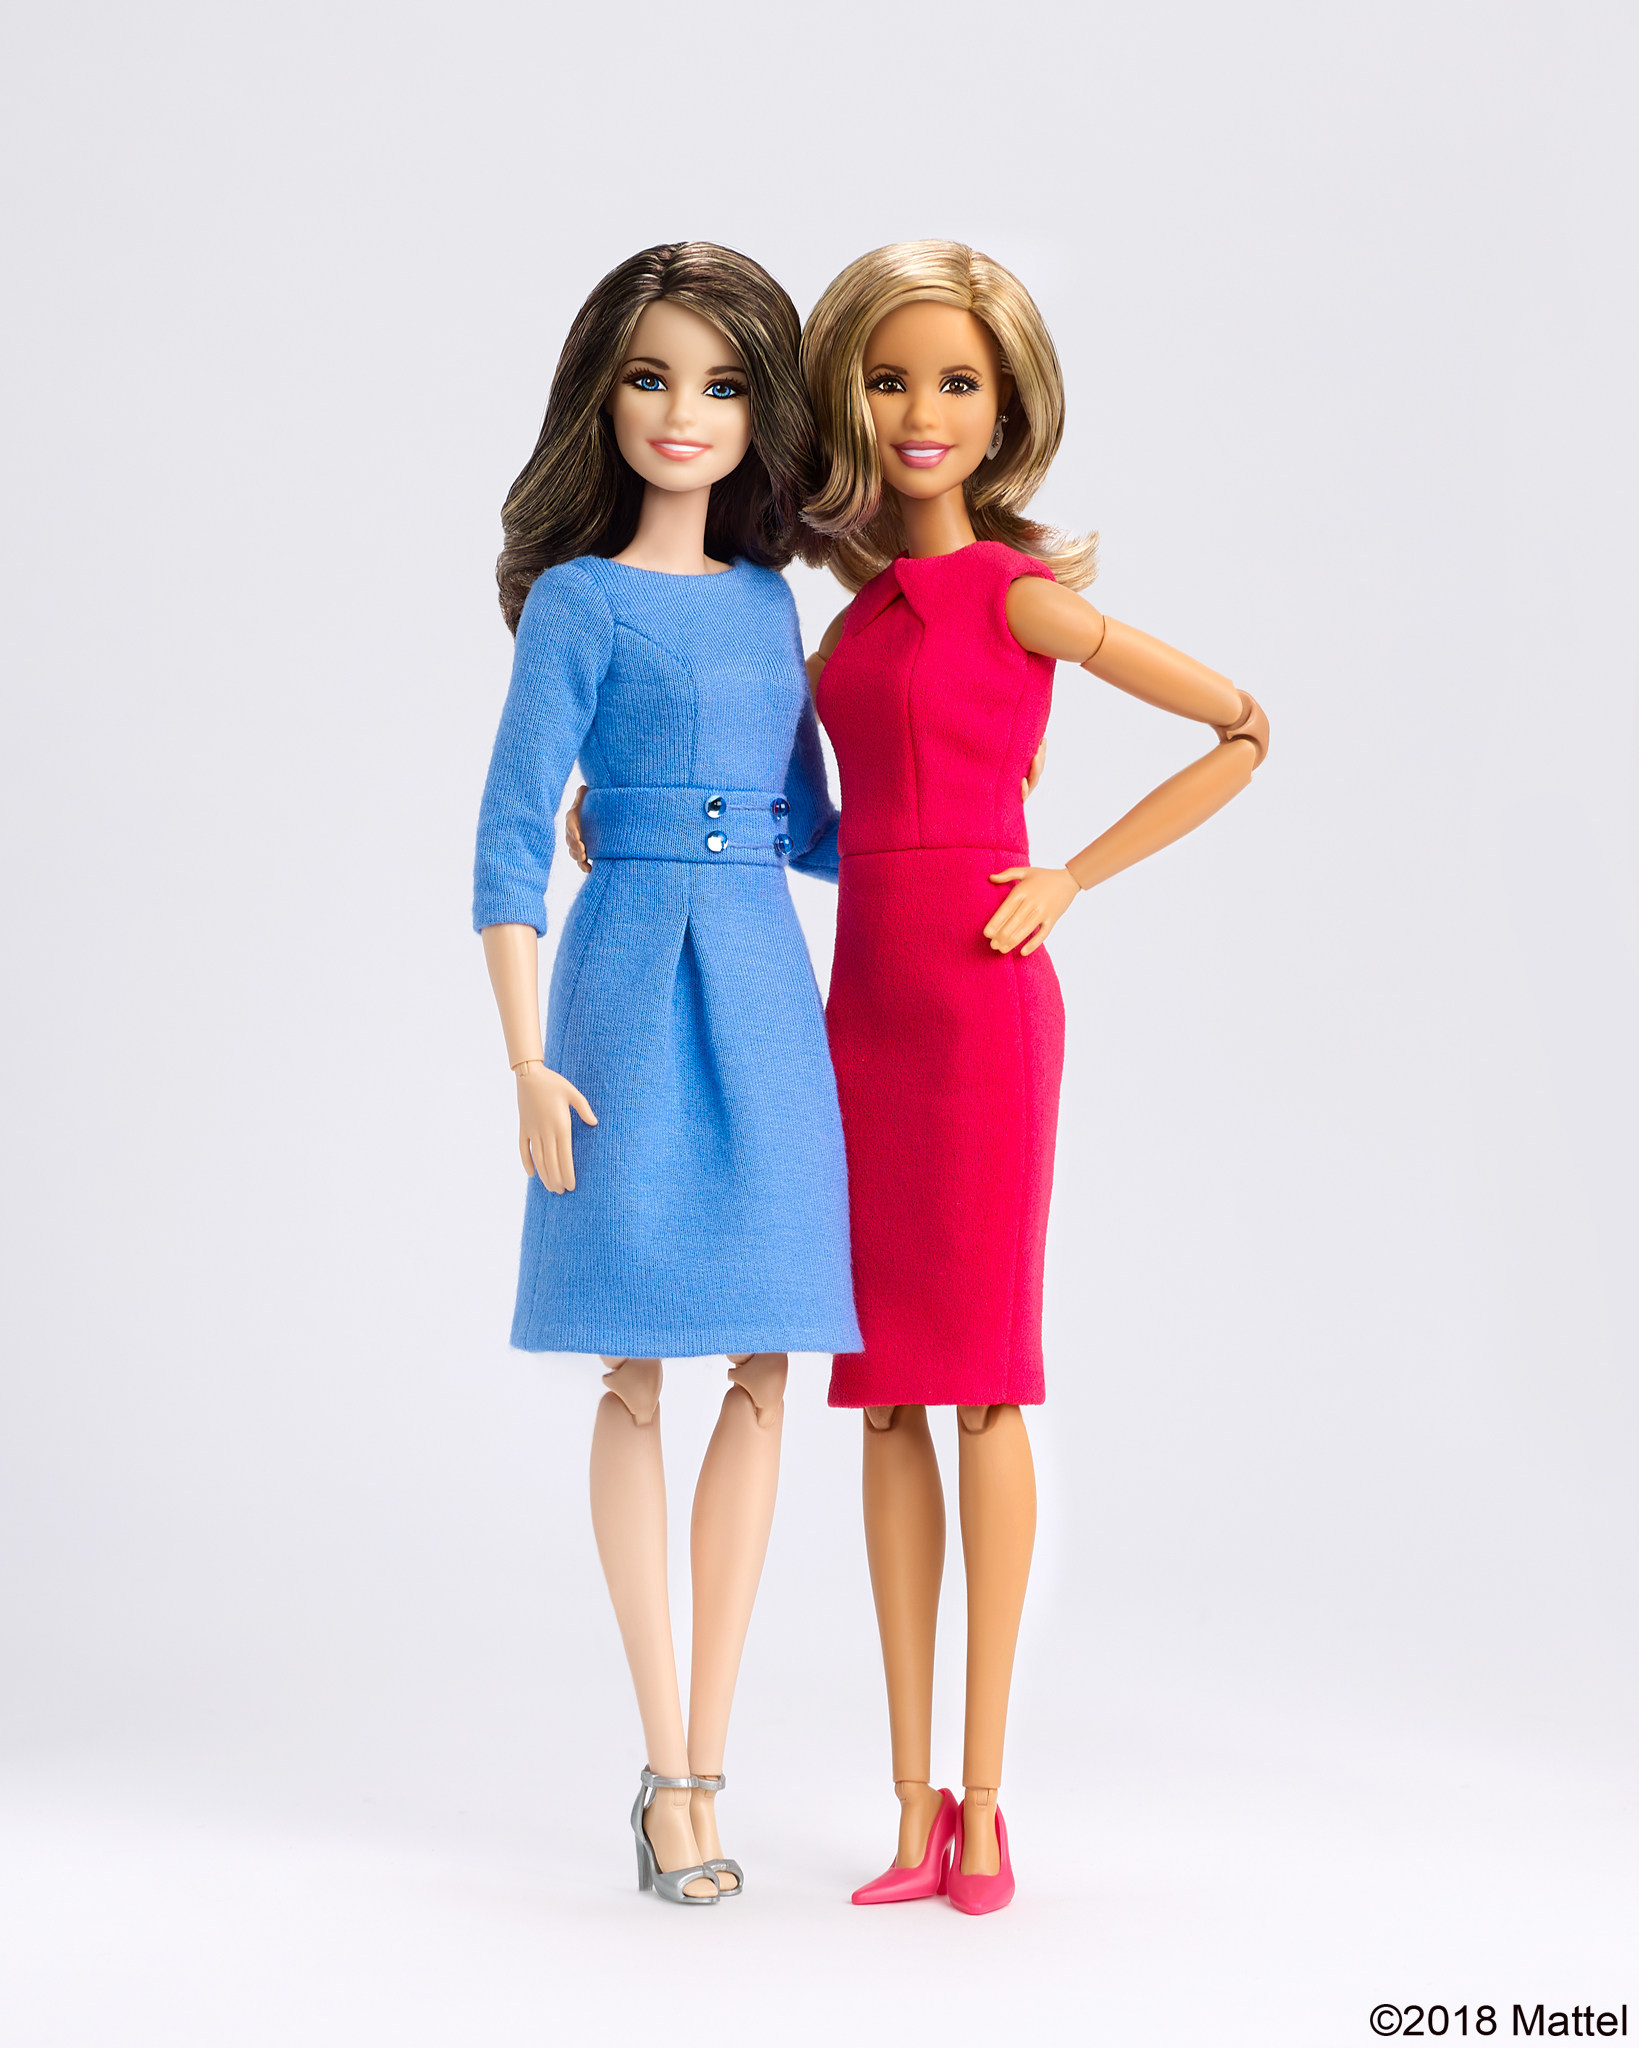 Bambole E Accessori Altro Bambole Trend Mark Two Barbie Dolls Barbie Starr 1979 And Barbie Mold Superstar Drip-Dry